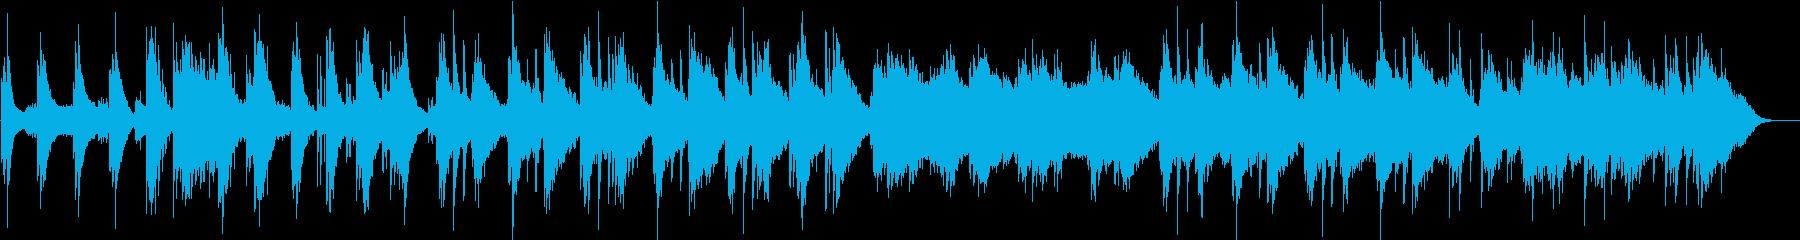 ピアノが静かに響くアンビエントの再生済みの波形